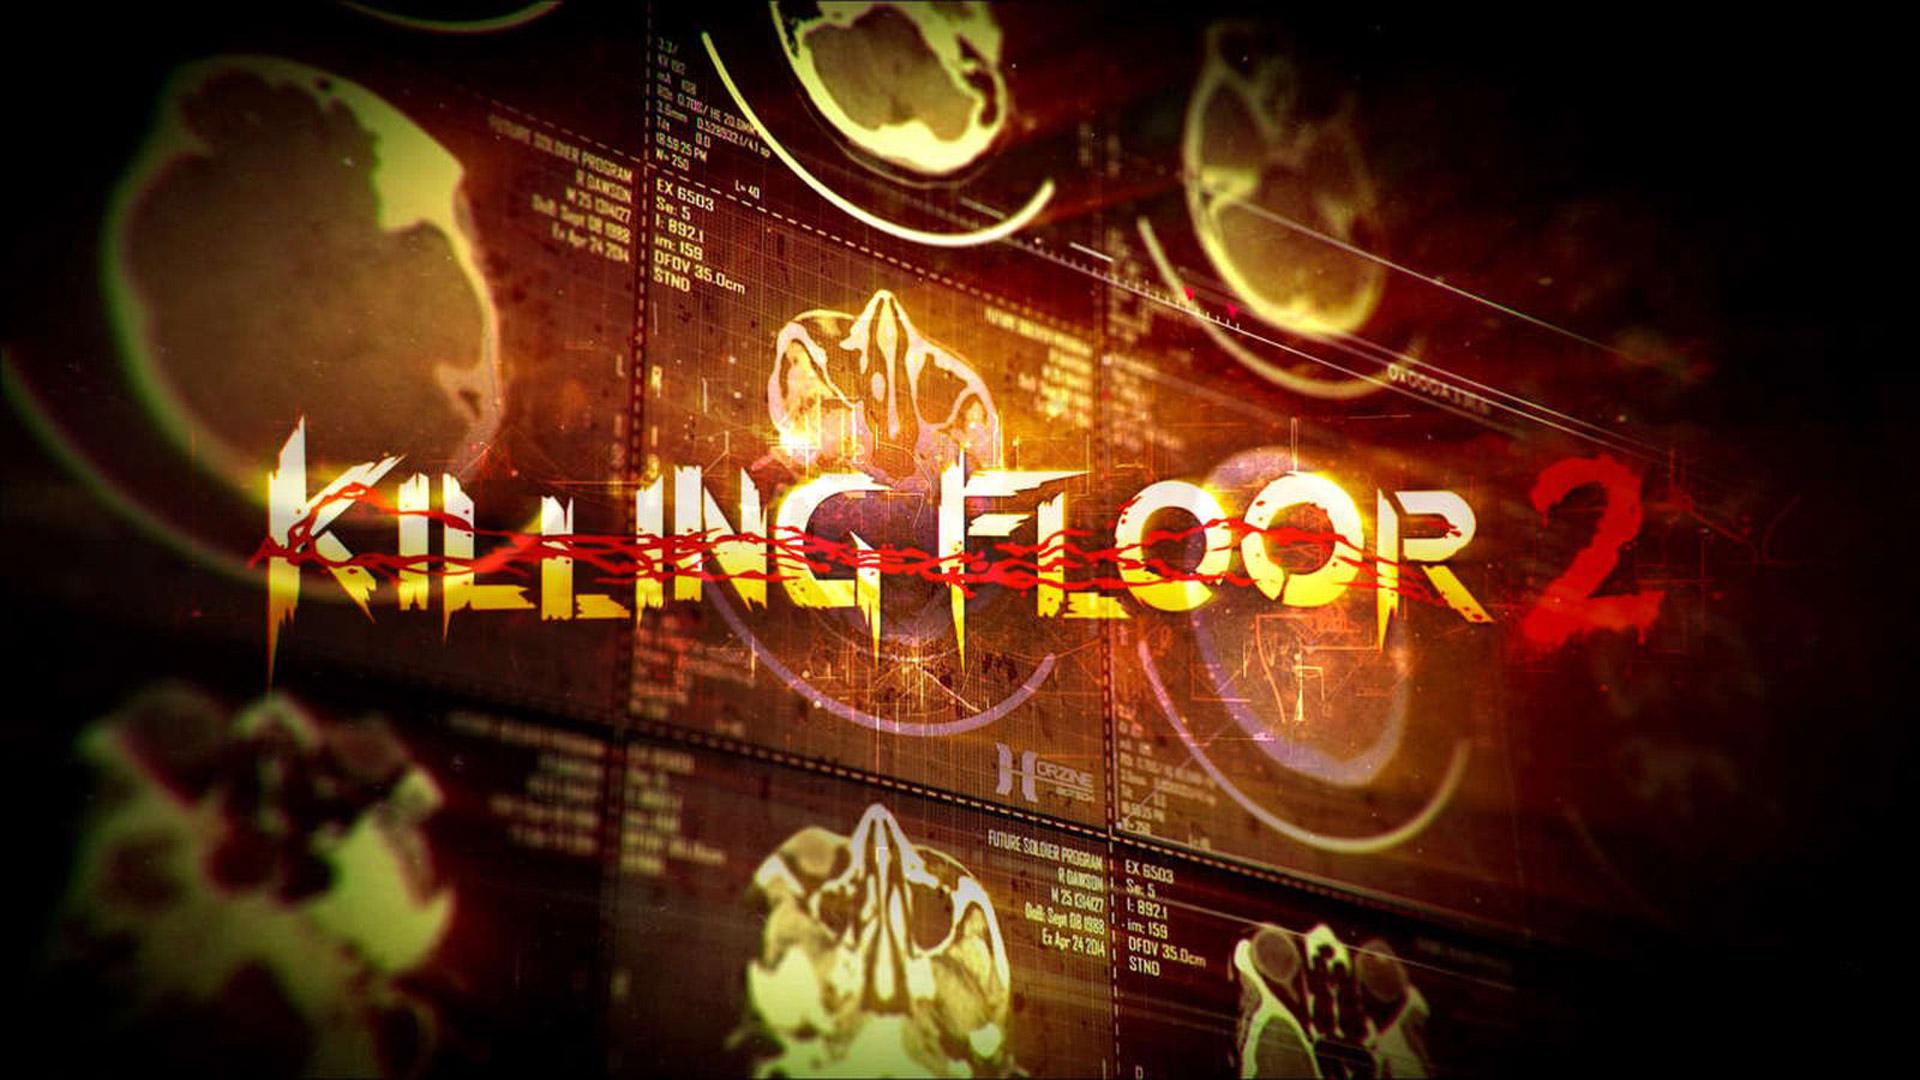 Killing Floor 2 Wallpaper in 1920x1080